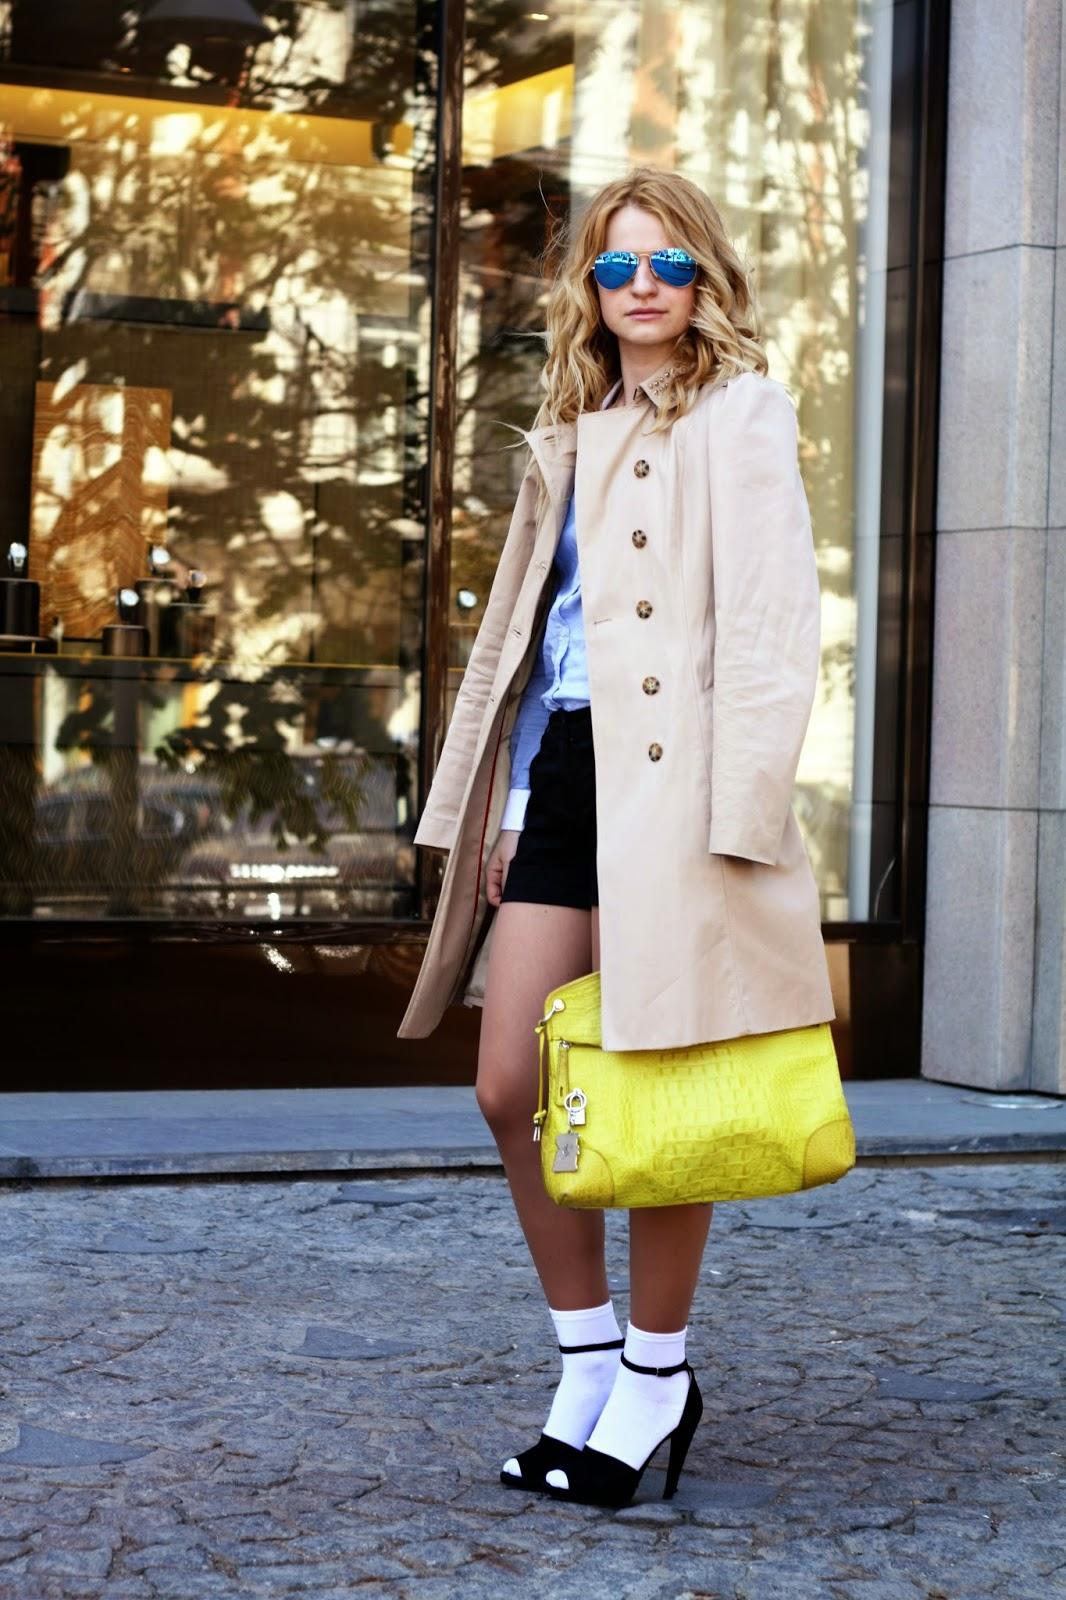 весенние тренды, носки с босоножками, как носить,модные блогеры, ИринаПавлова